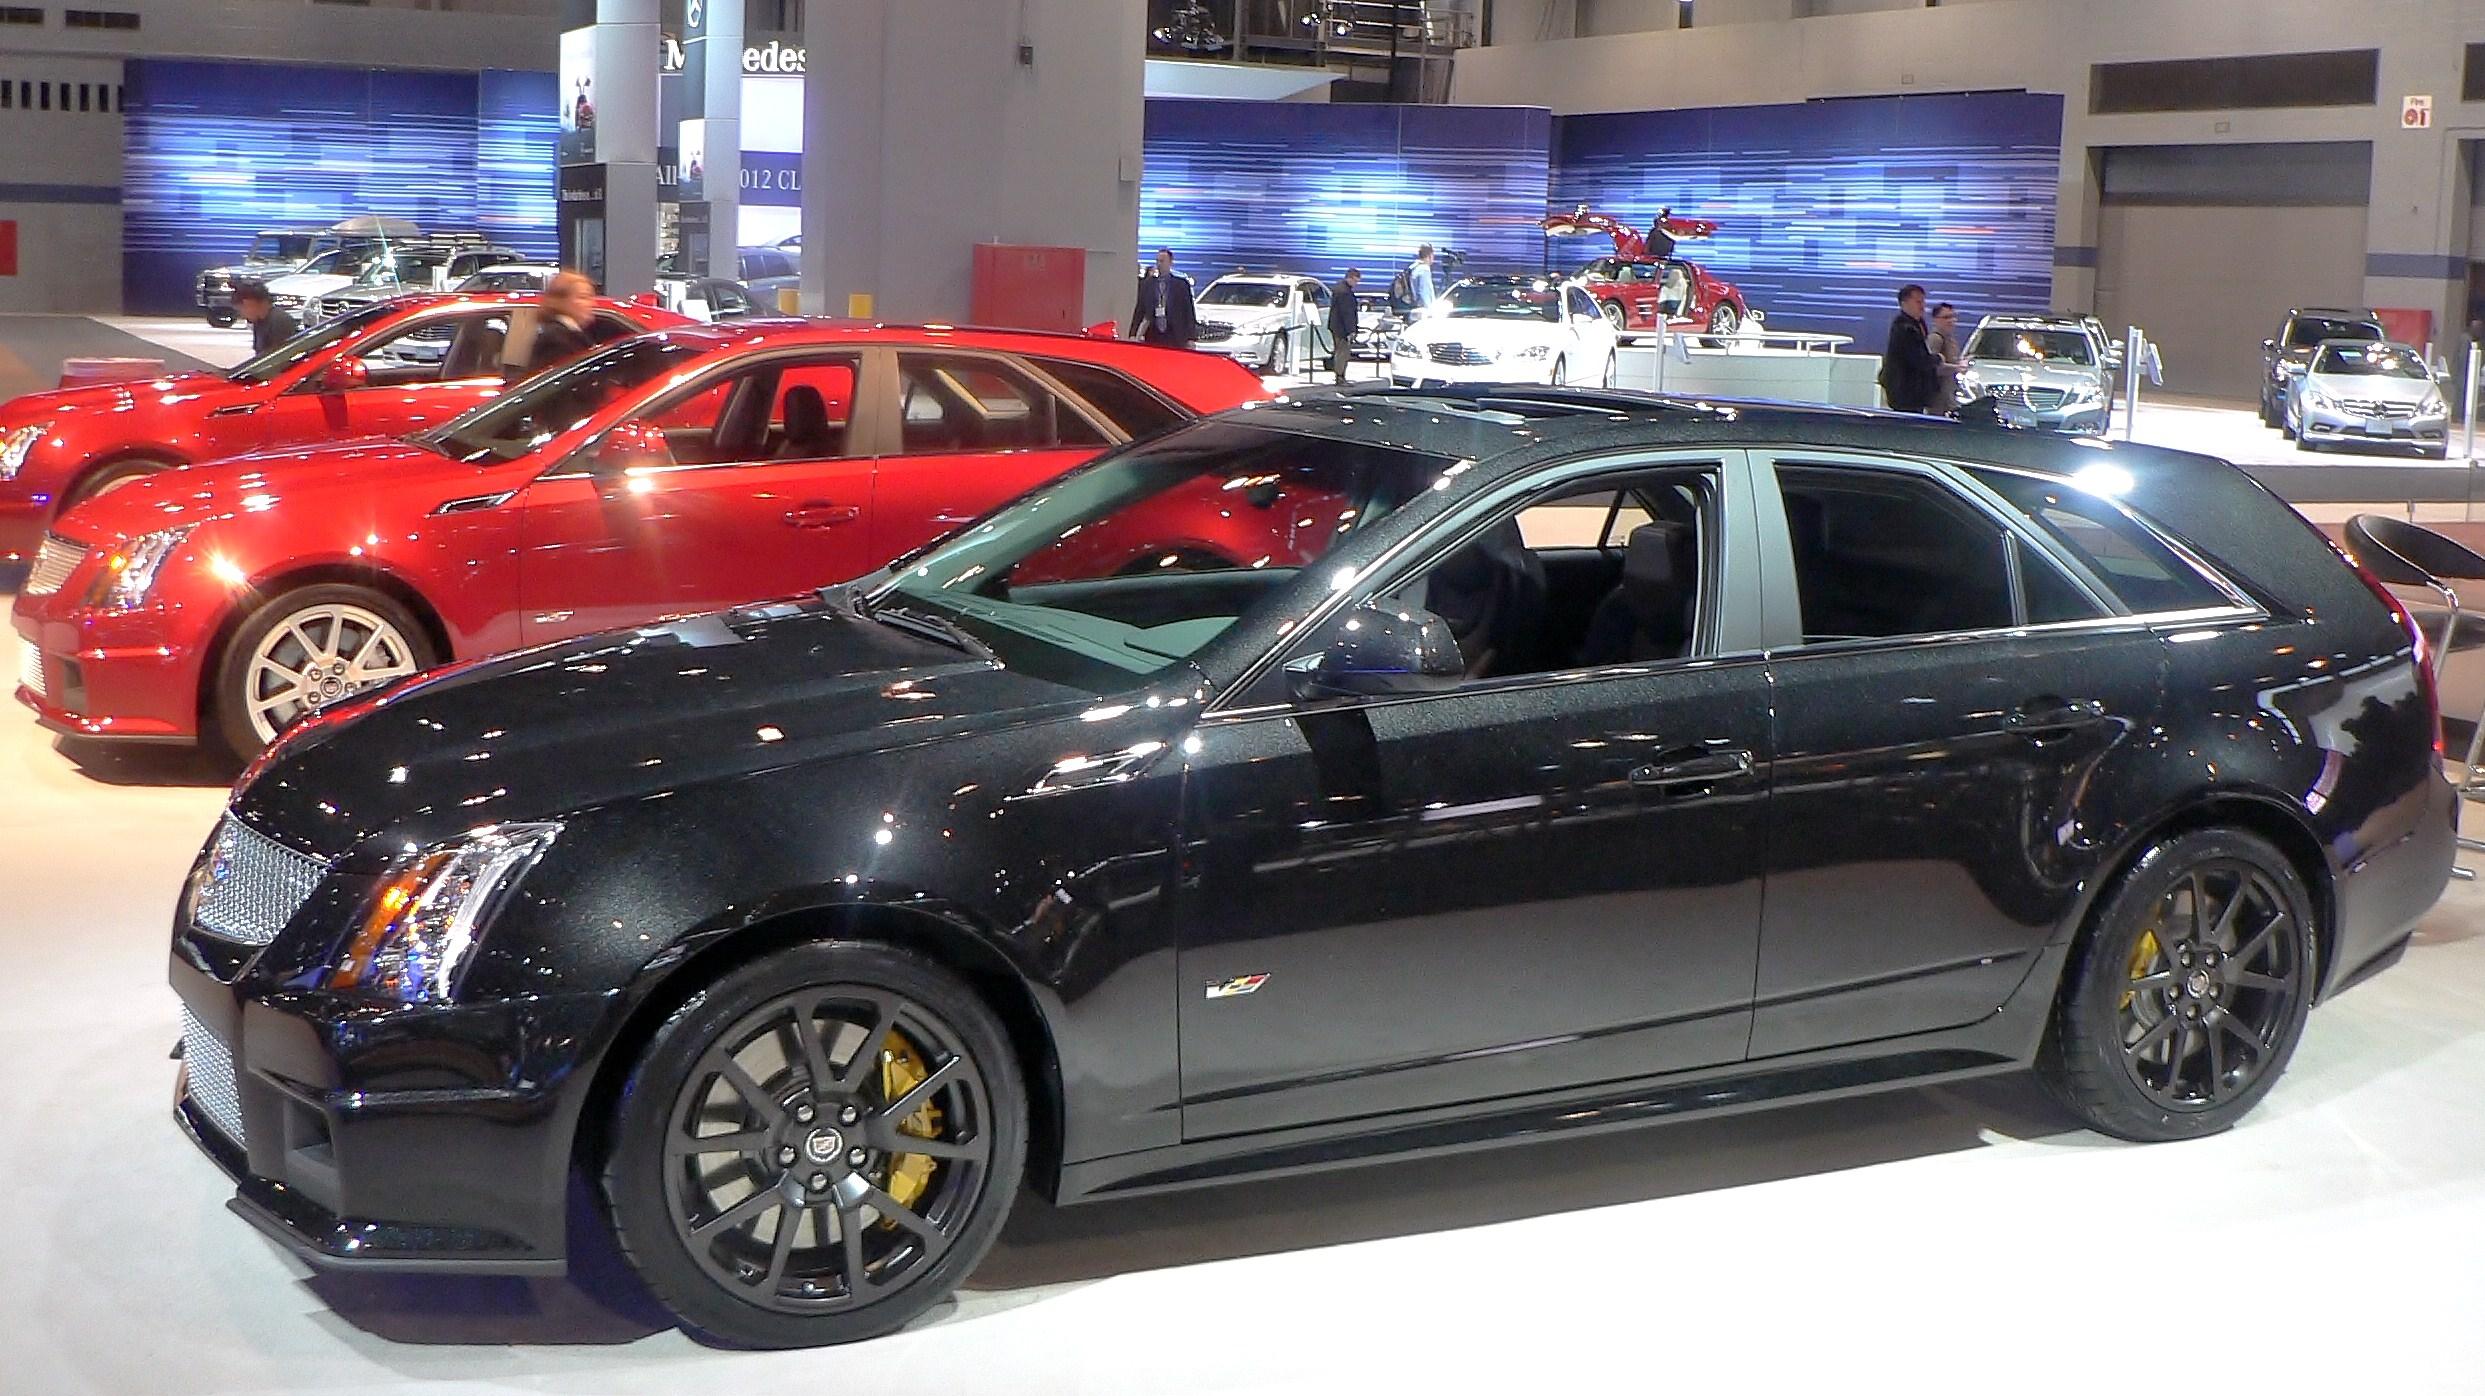 2014 Cadillac Cts V Wagon Image 6